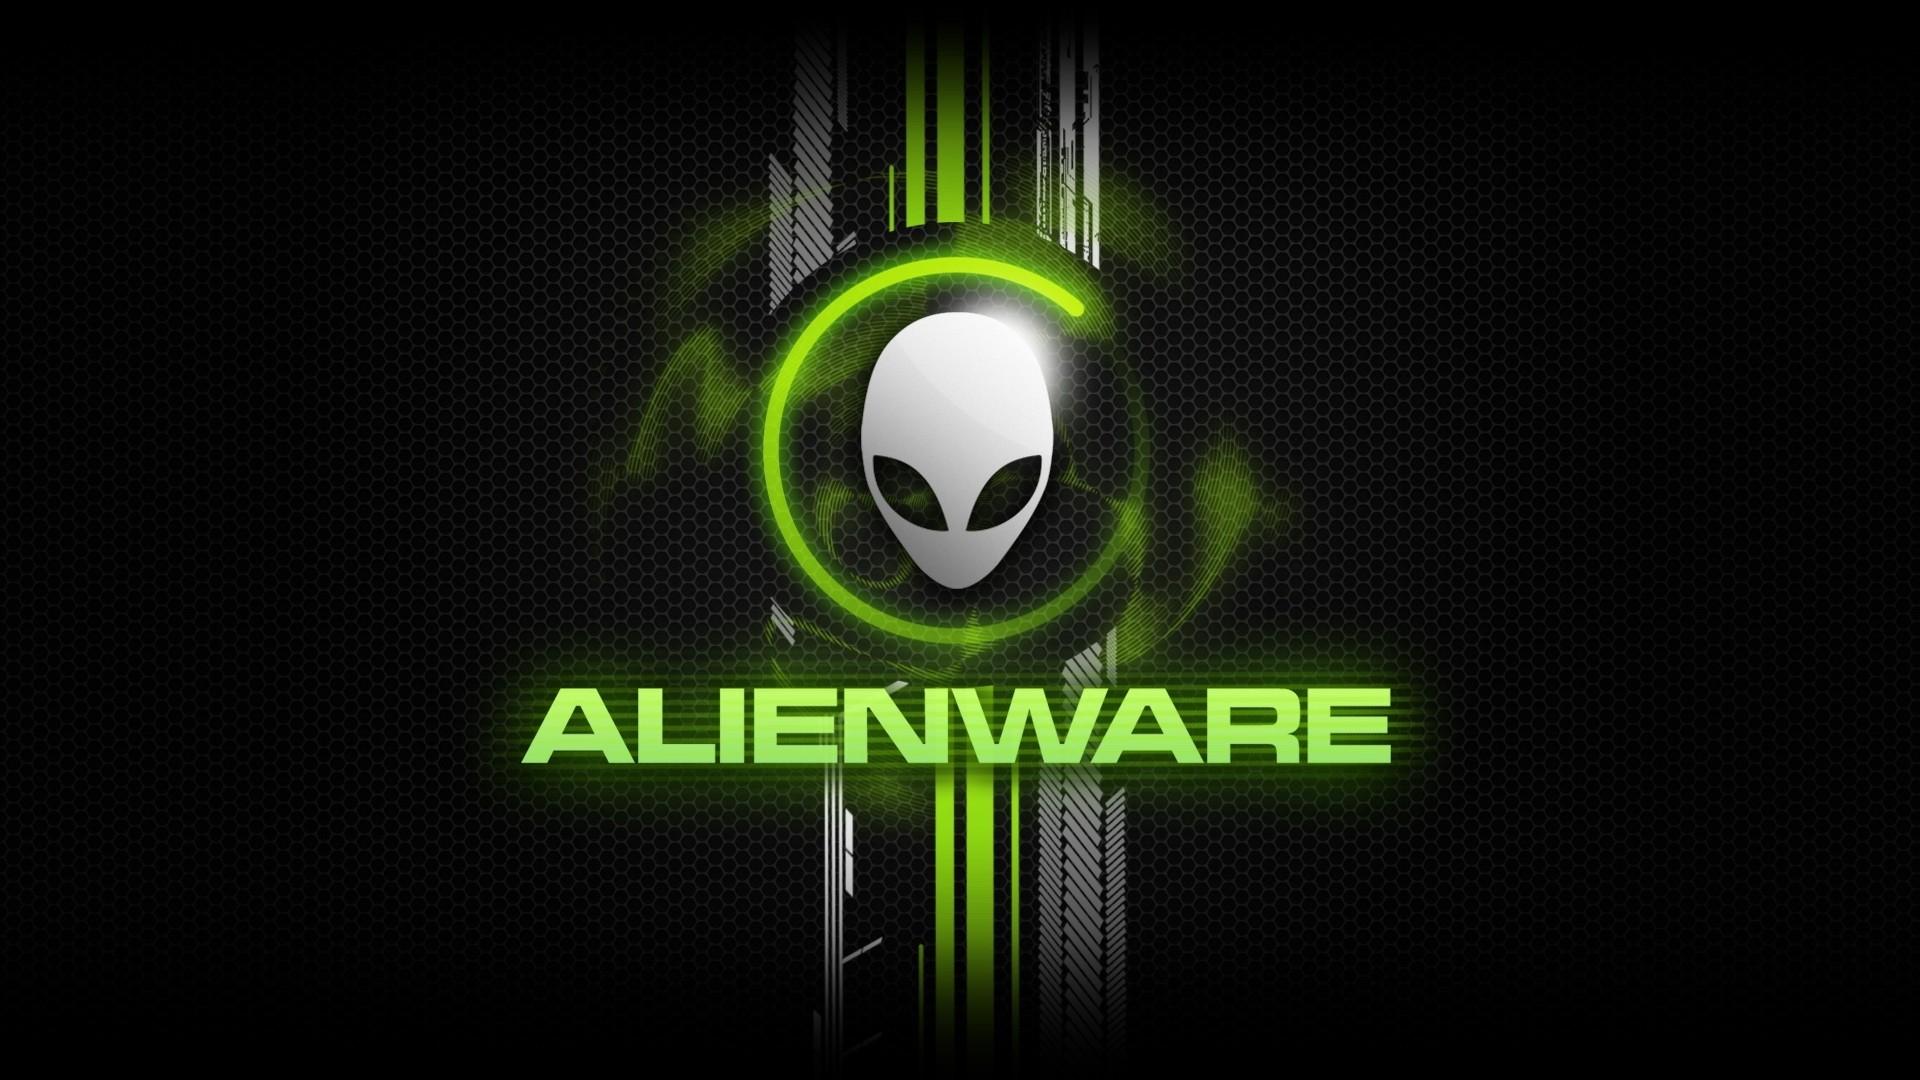 Alienware Fonds dcran Arrires plan 1920x1080 ID177580 1920x1080